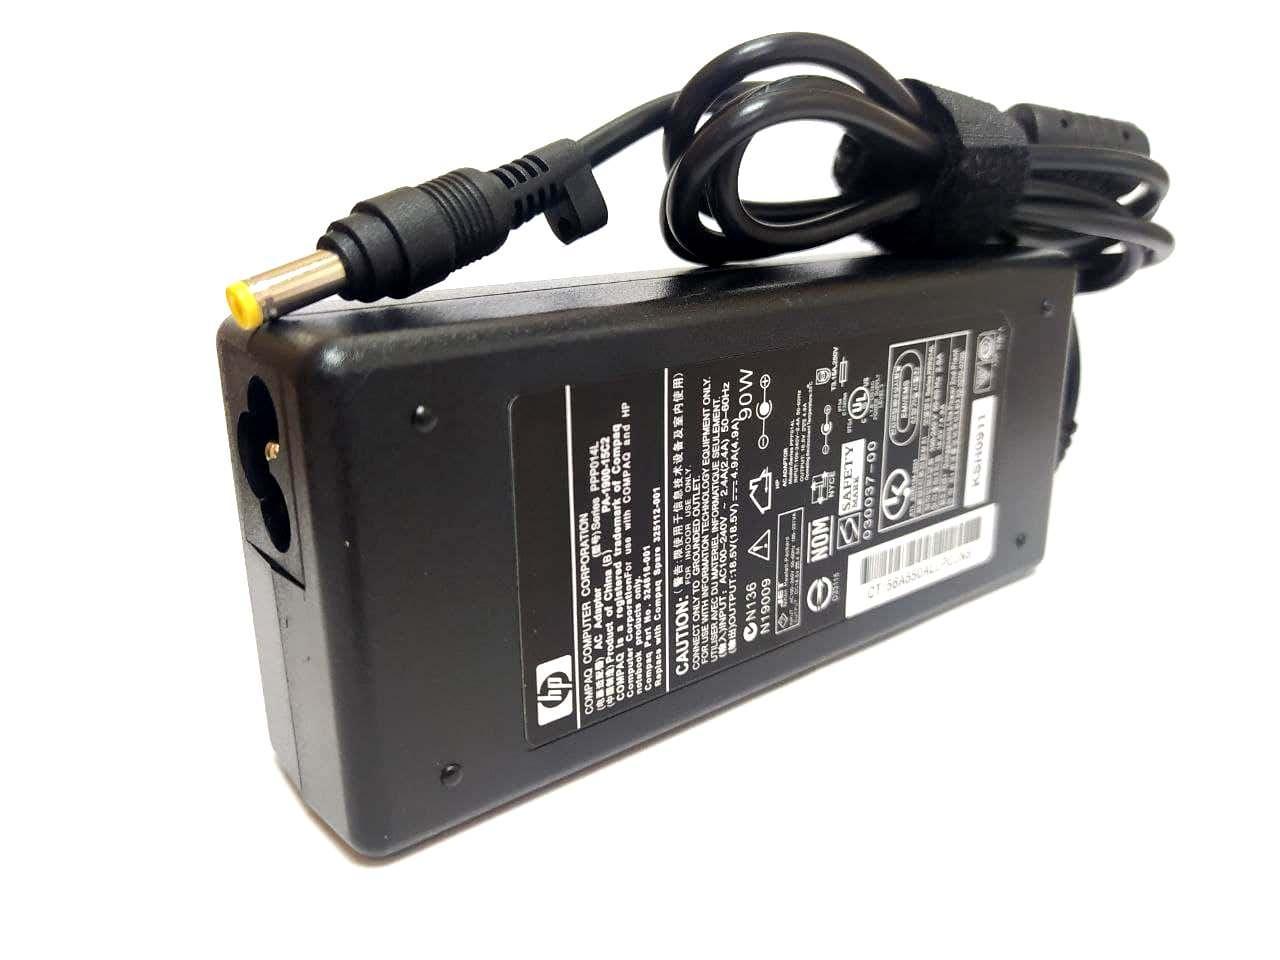 Блок питания для ноутбука HP Pavilion nx6110 18.5V 4.9A 4.8*1.7mm 90W